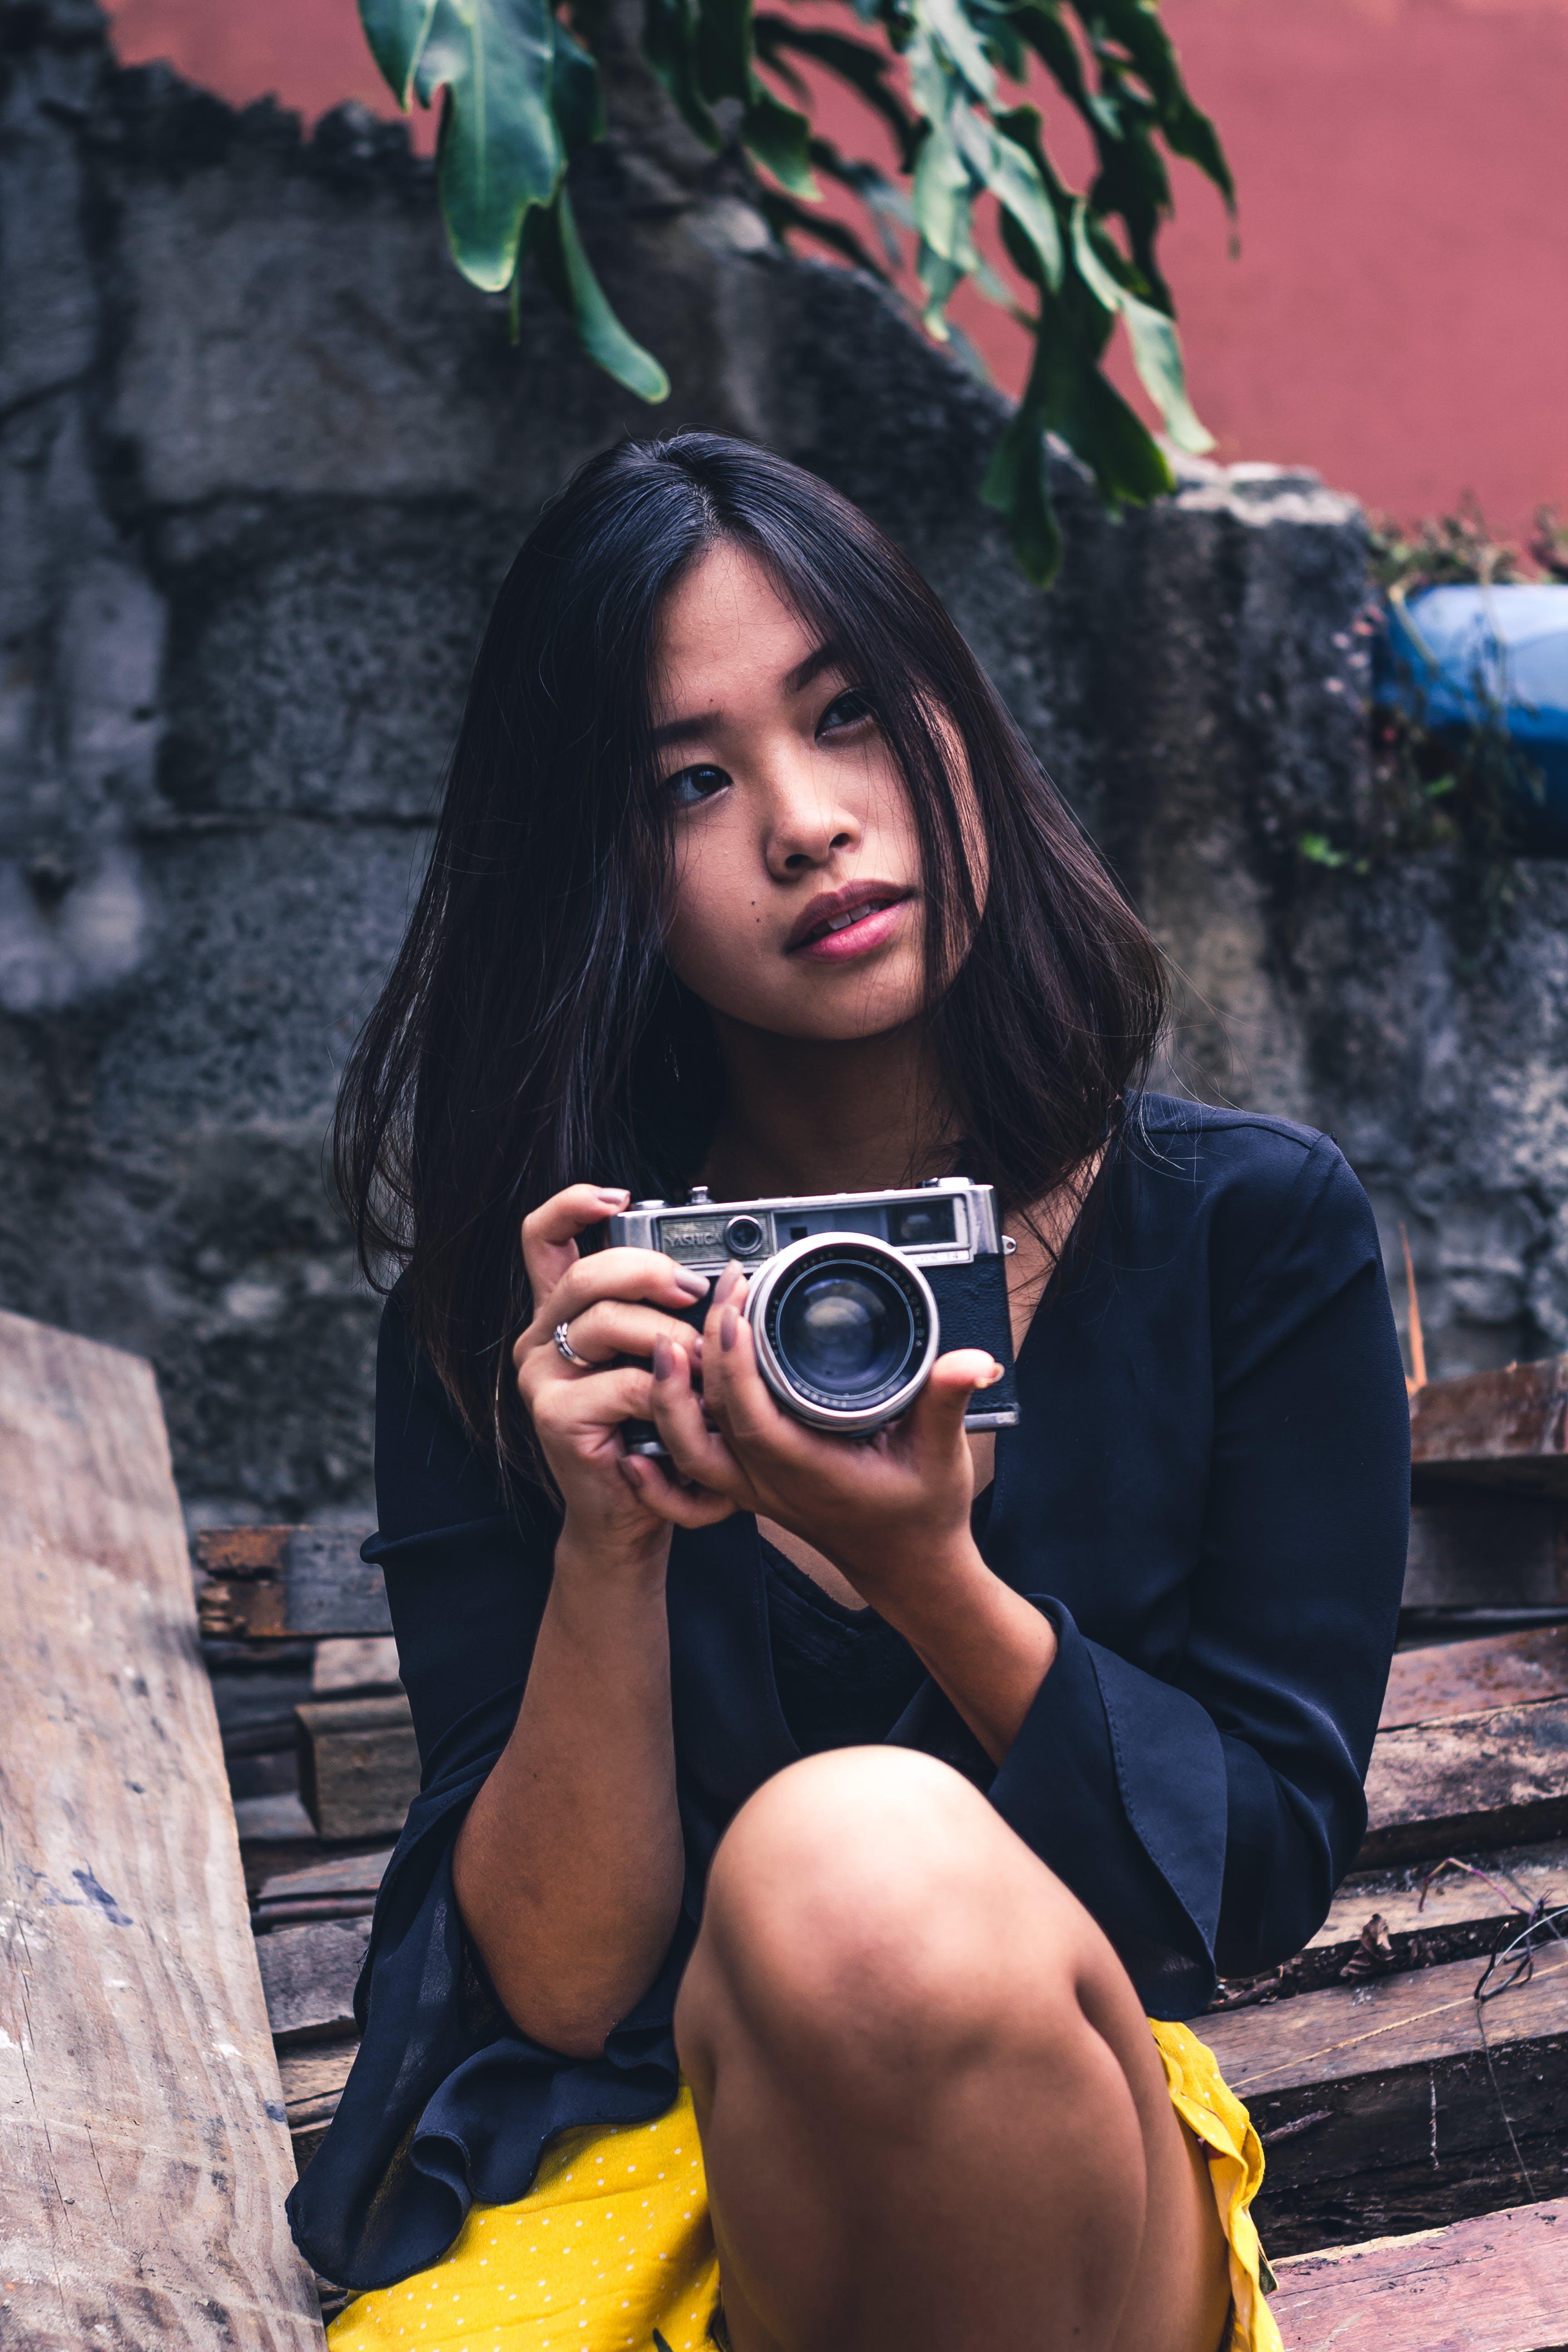 Kostenloses Stock Foto zu attraktiv, bein, dame, digitalkamera